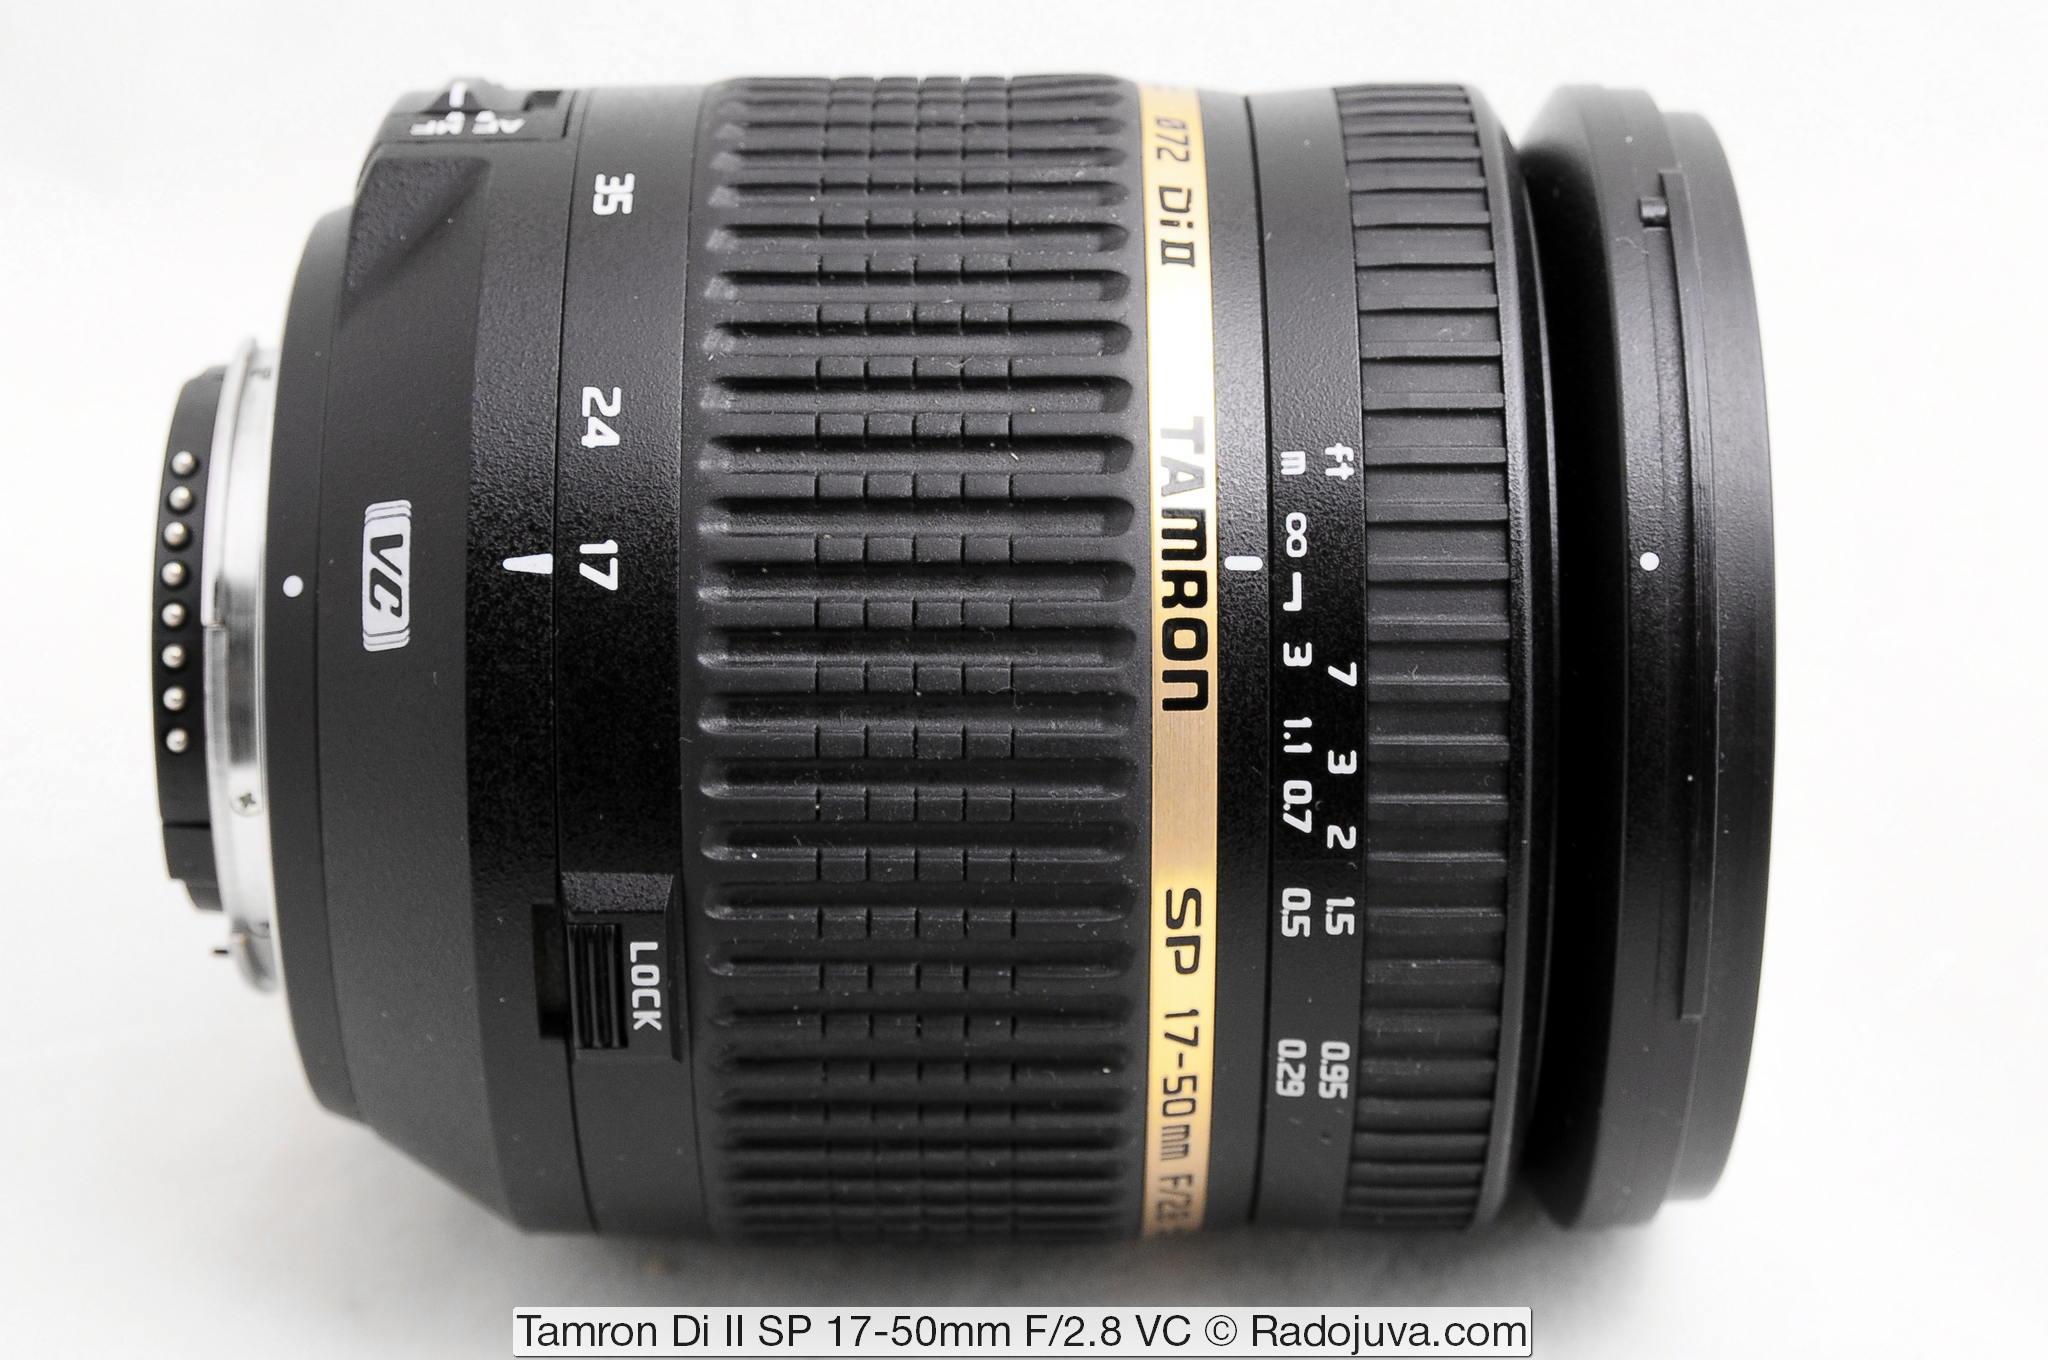 Tamron Di II SP 17-50mm F/2.8 VC